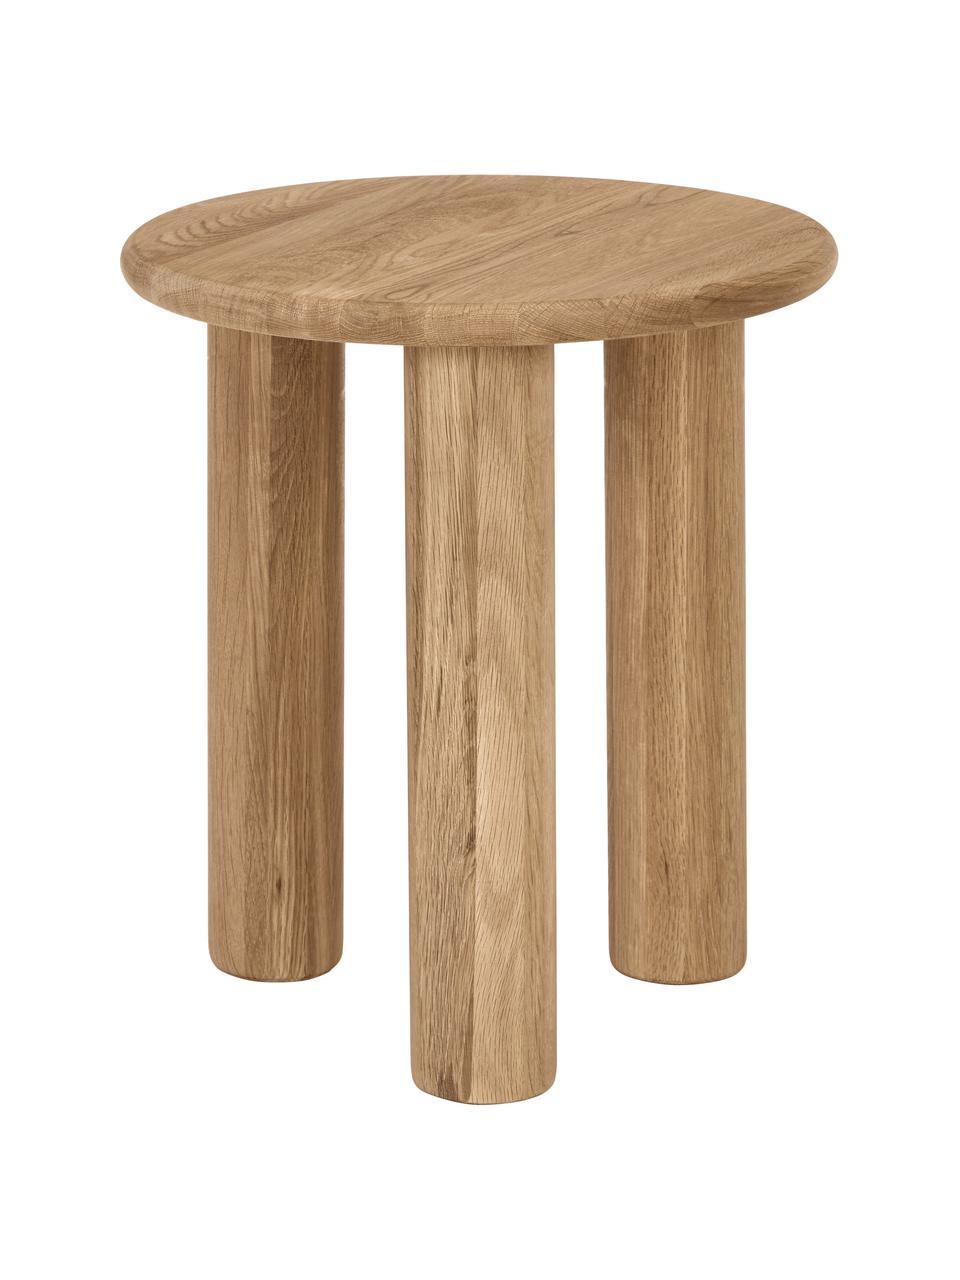 Table d'appoint bois de chêne Didi, Brun